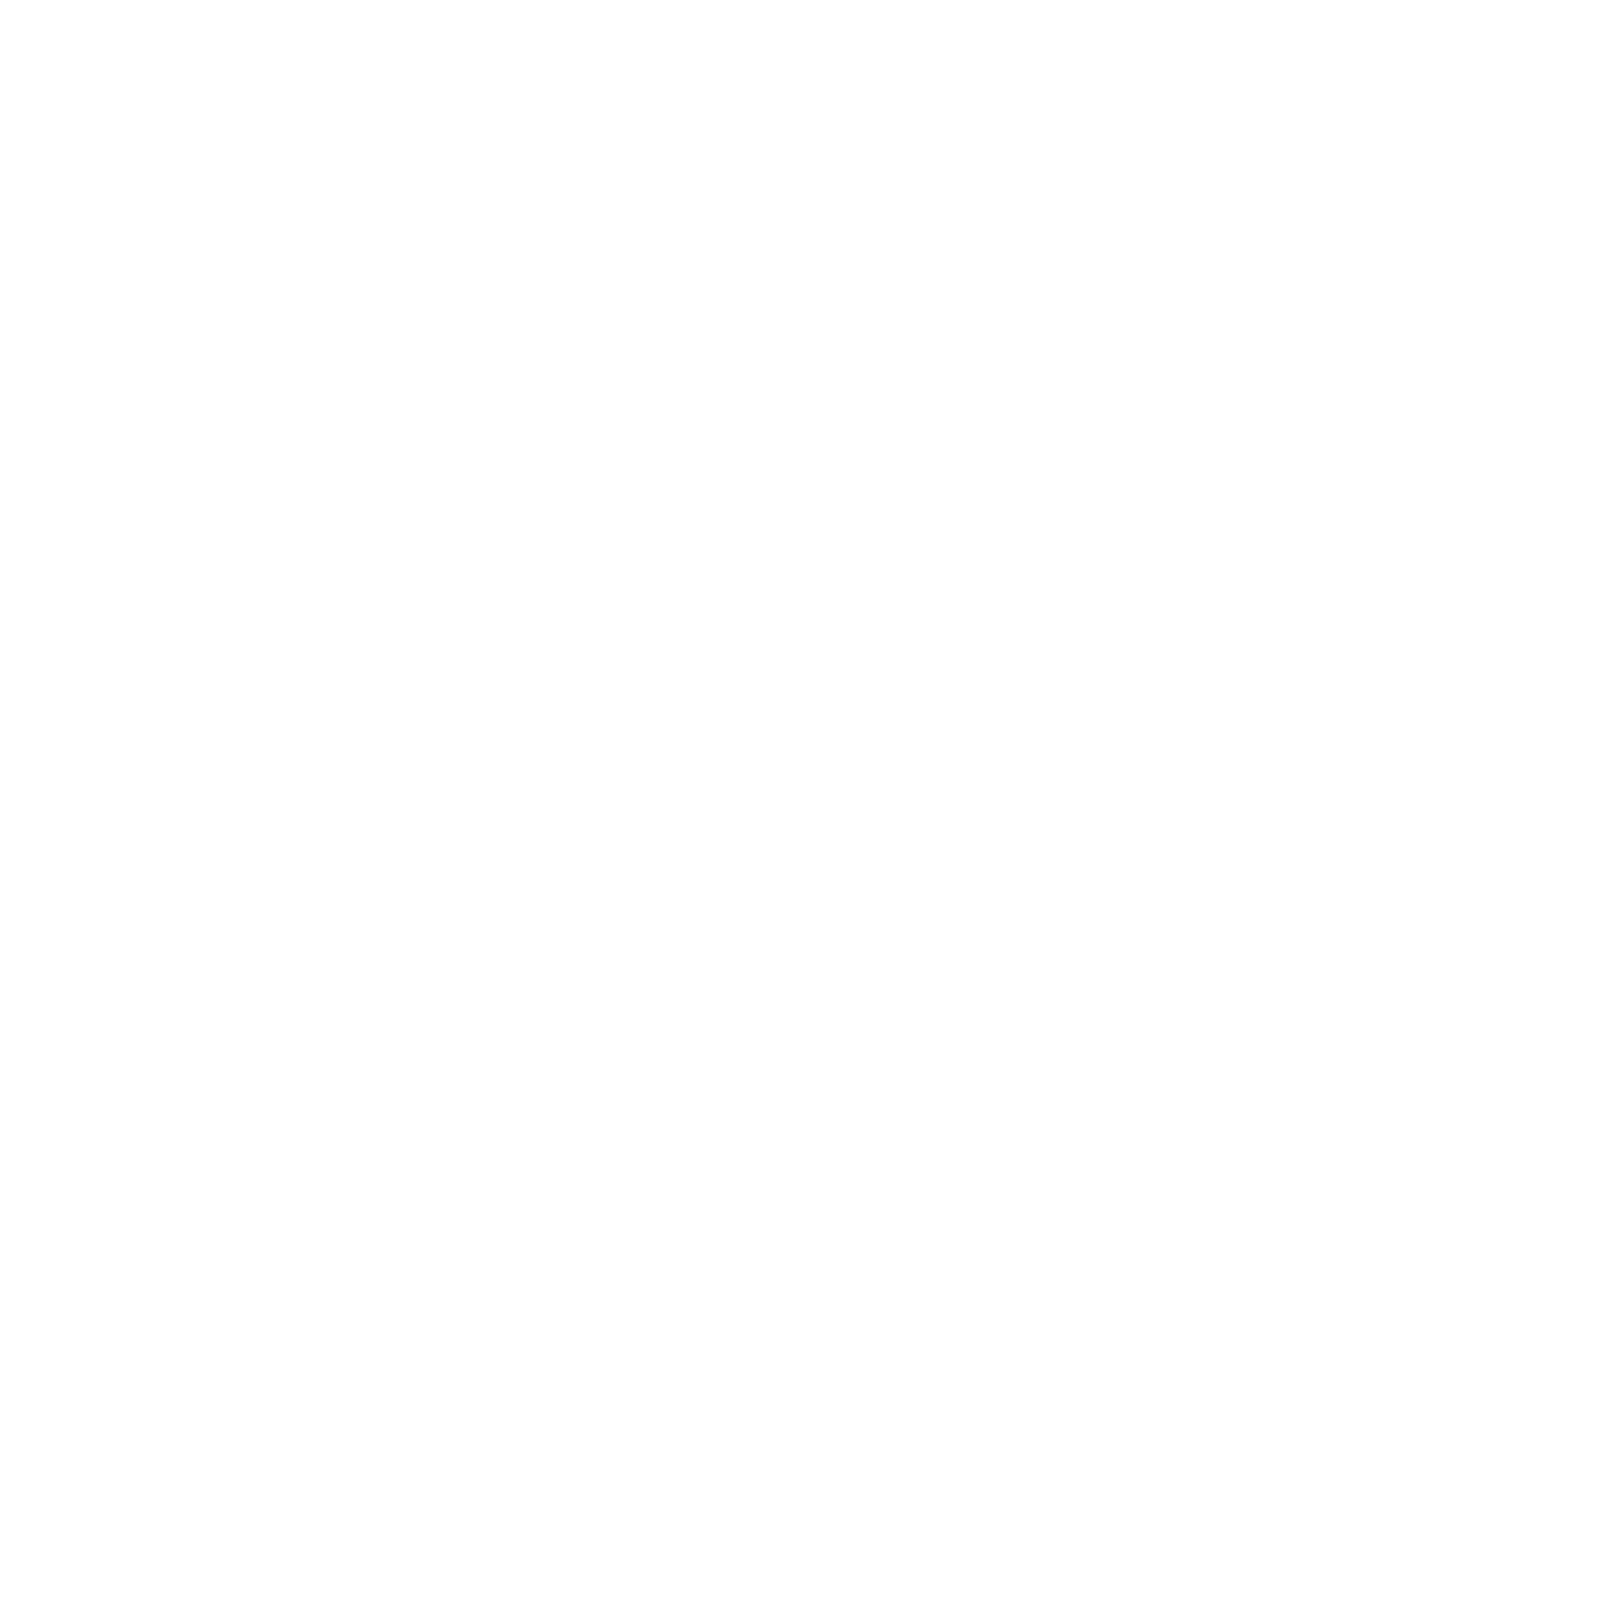 zurich-project-logo